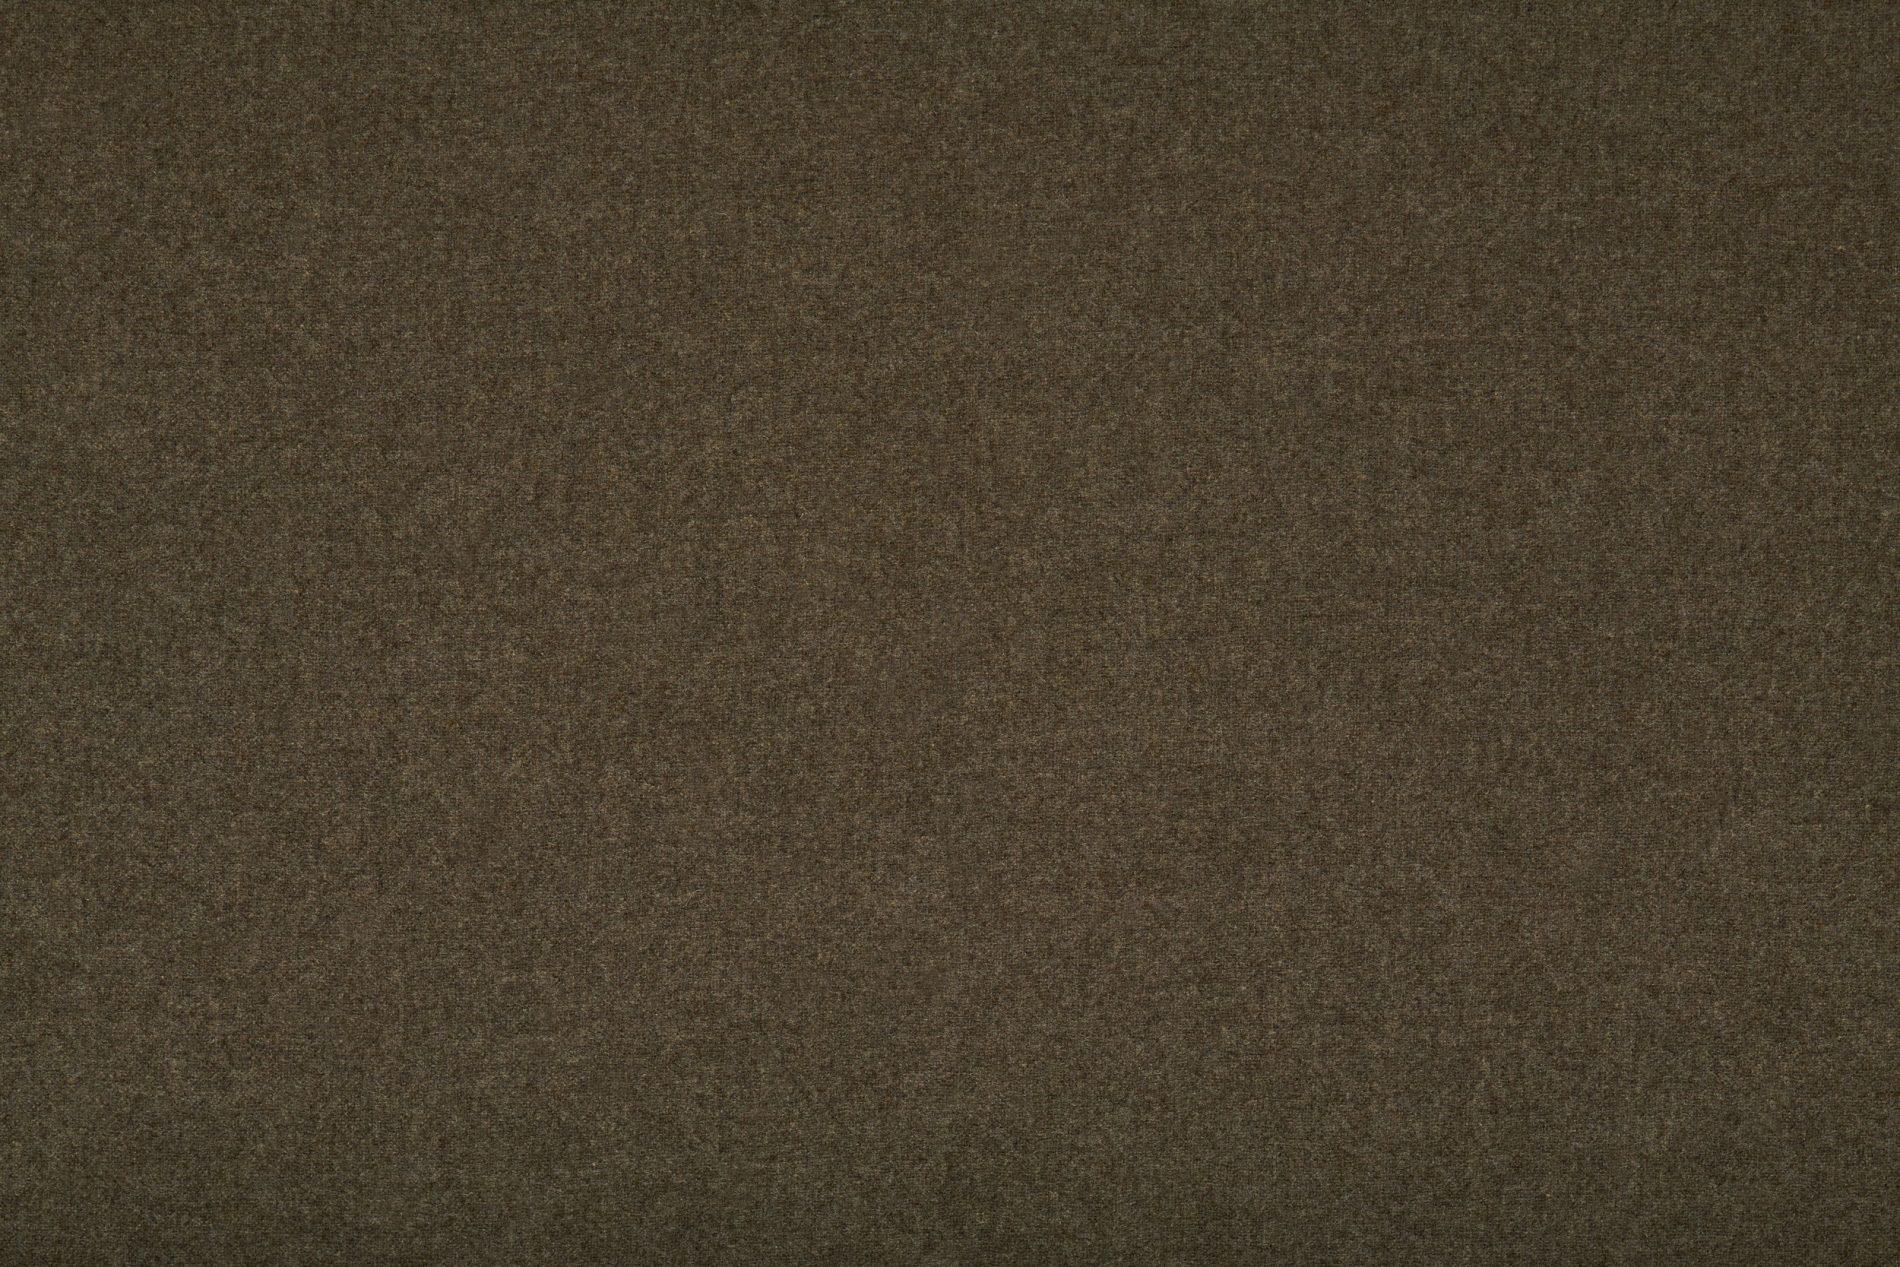 PURE 360 Plain Merino wool (19/3046)